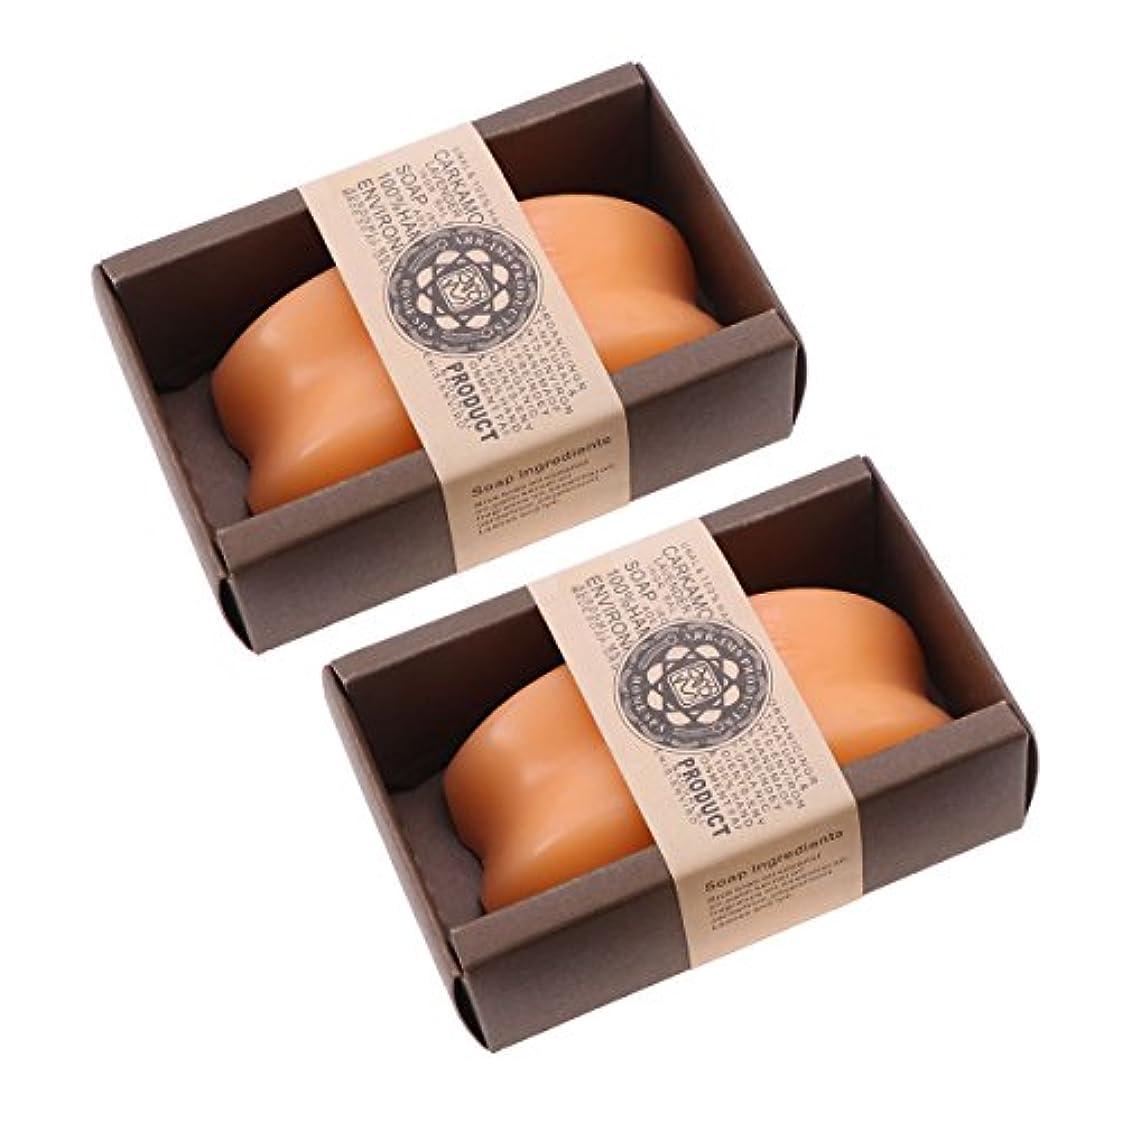 うがい薬オンス平和Lurrose パパイヤソープオーガニック手作りエッセンシャルオイルソープバーモイスチャライジングボディウォッシュソープ2個(オレンジ)